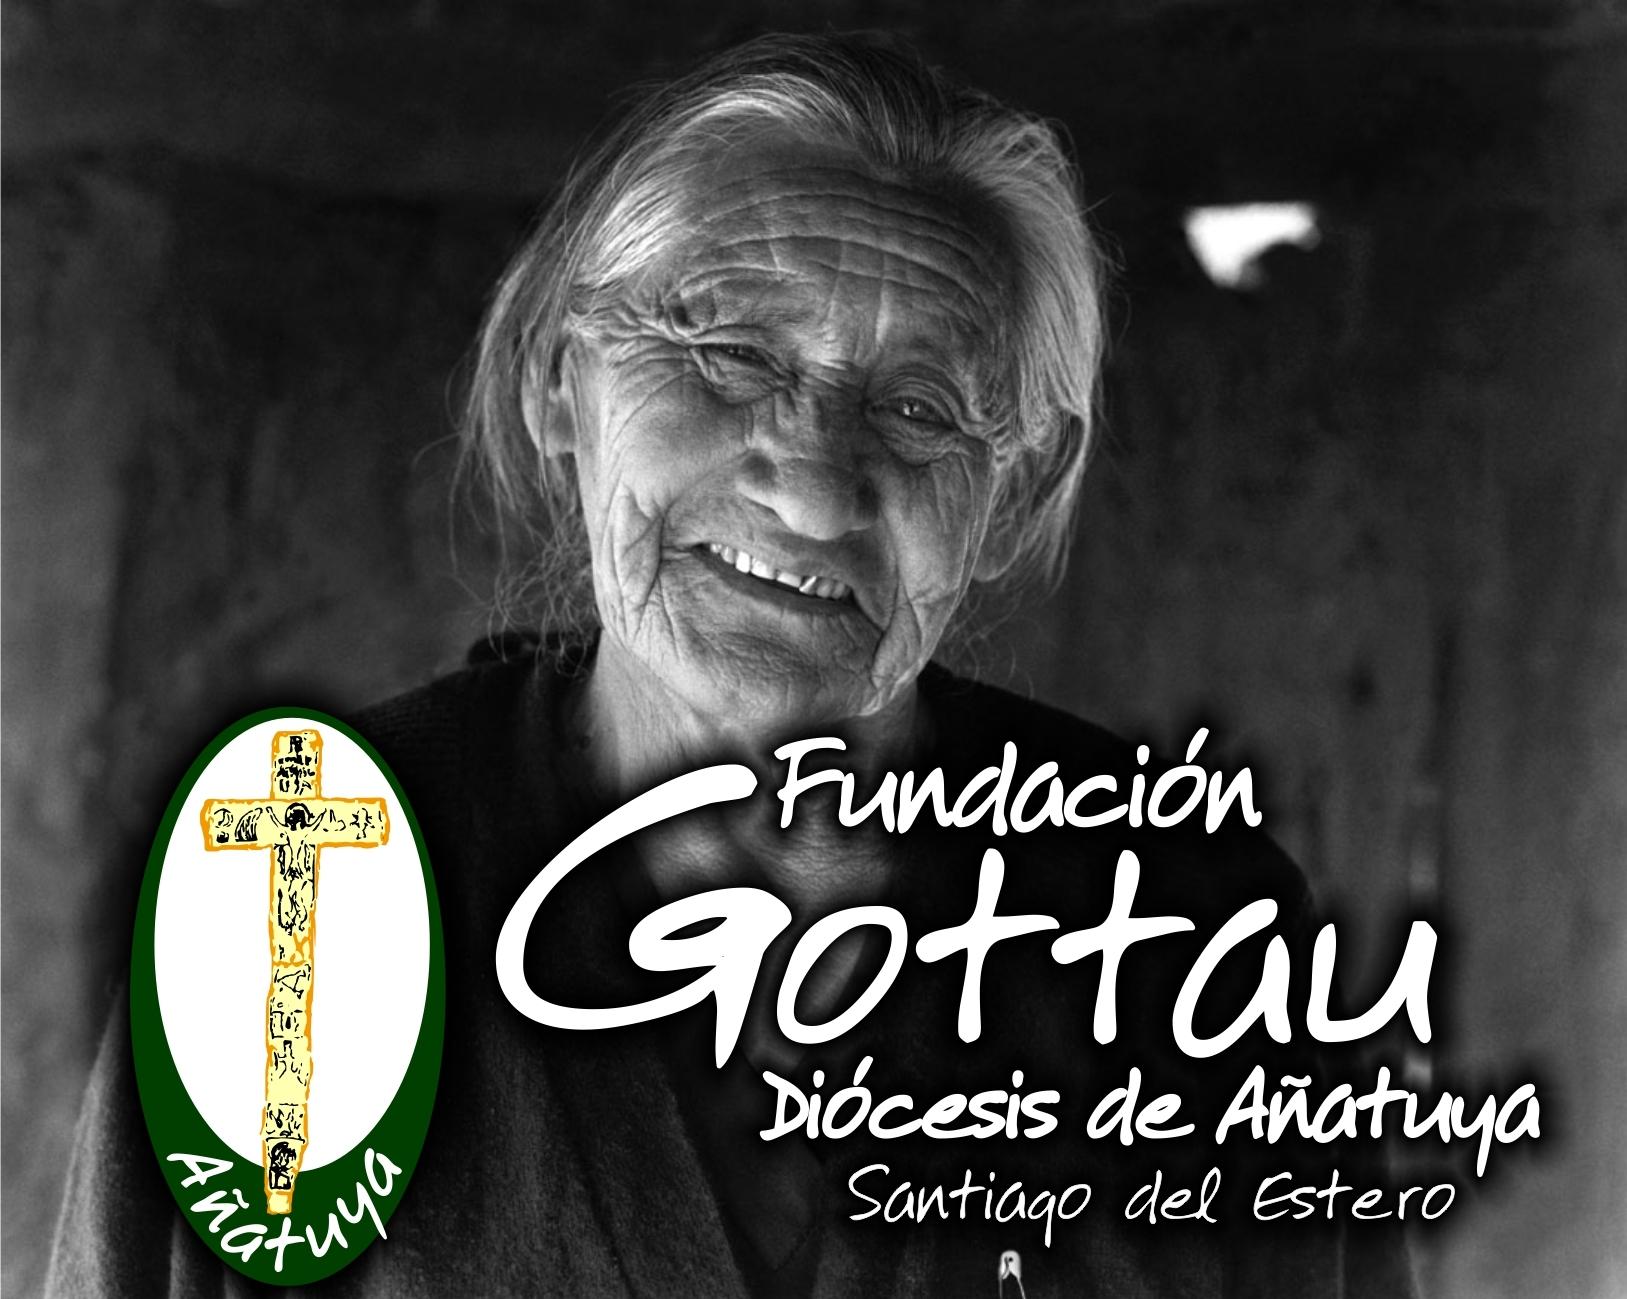 FUNDACIÓN GOTTAU